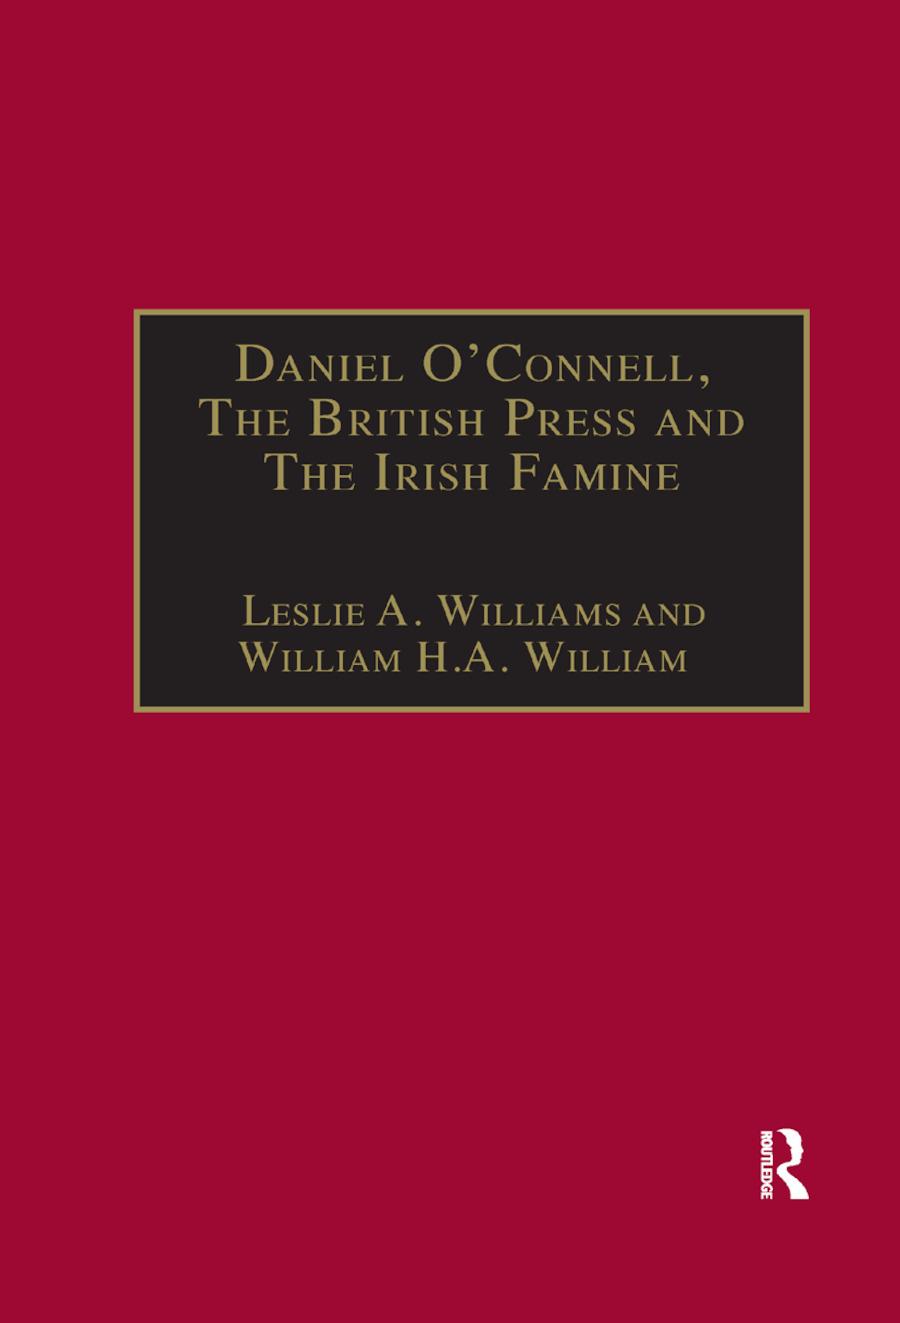 Daniel O'Connell, The British Press and The Irish Famine: Killing Remarks book cover